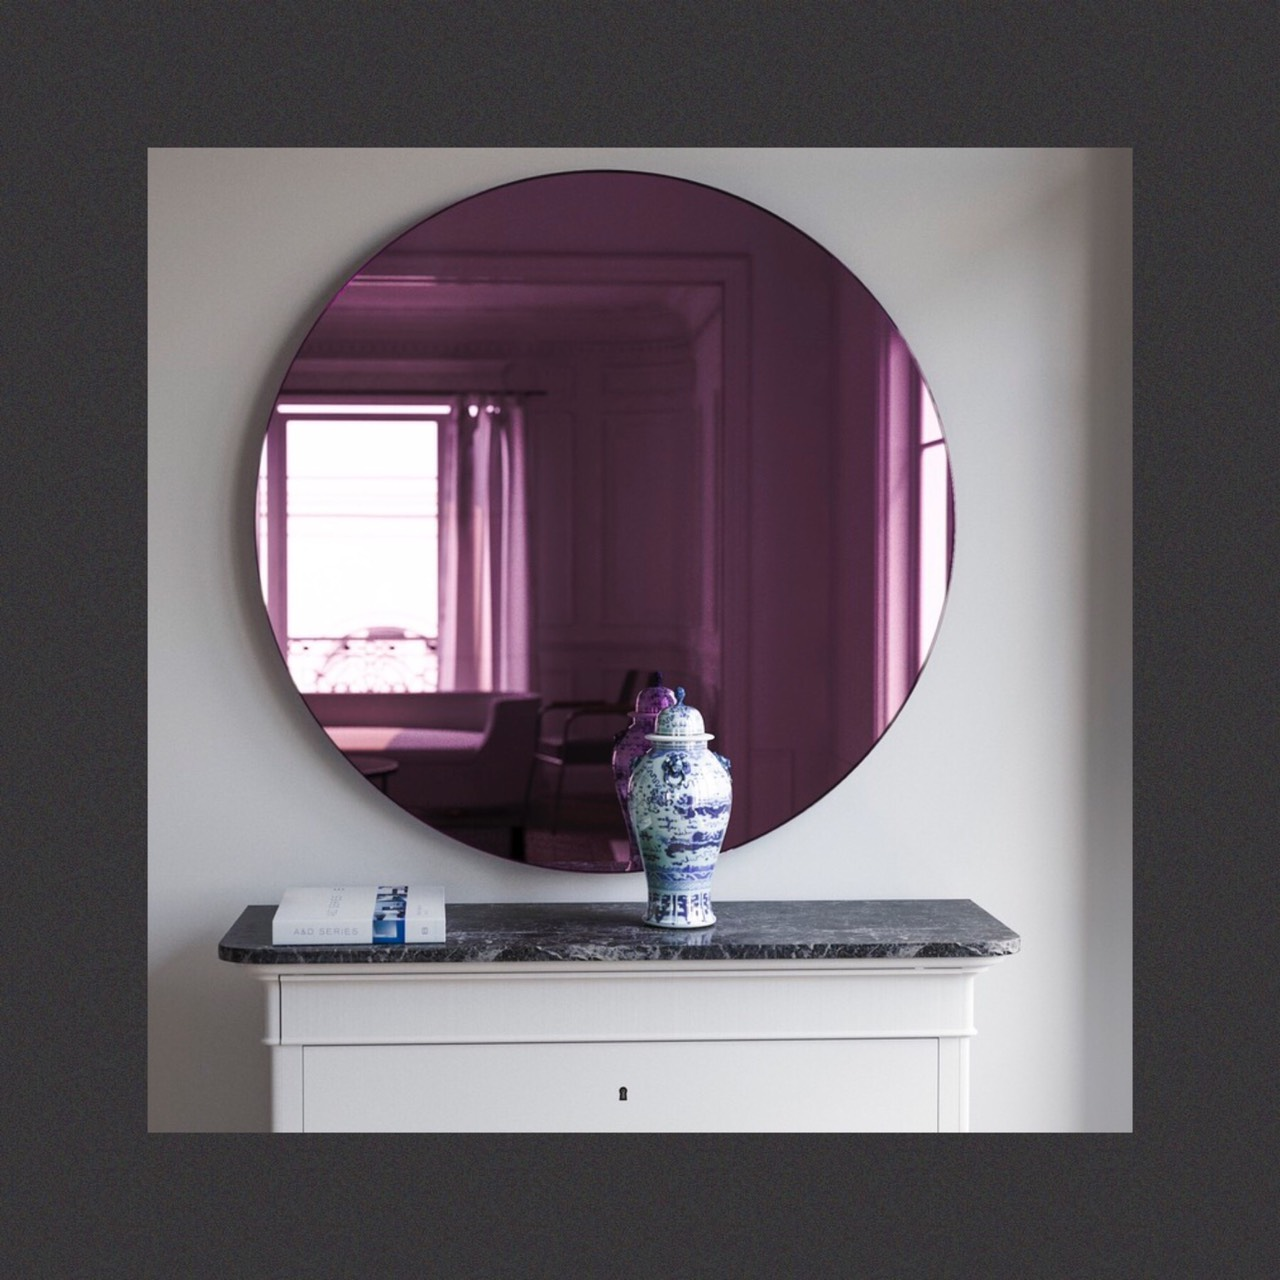 กระจกเงาสีม่วง